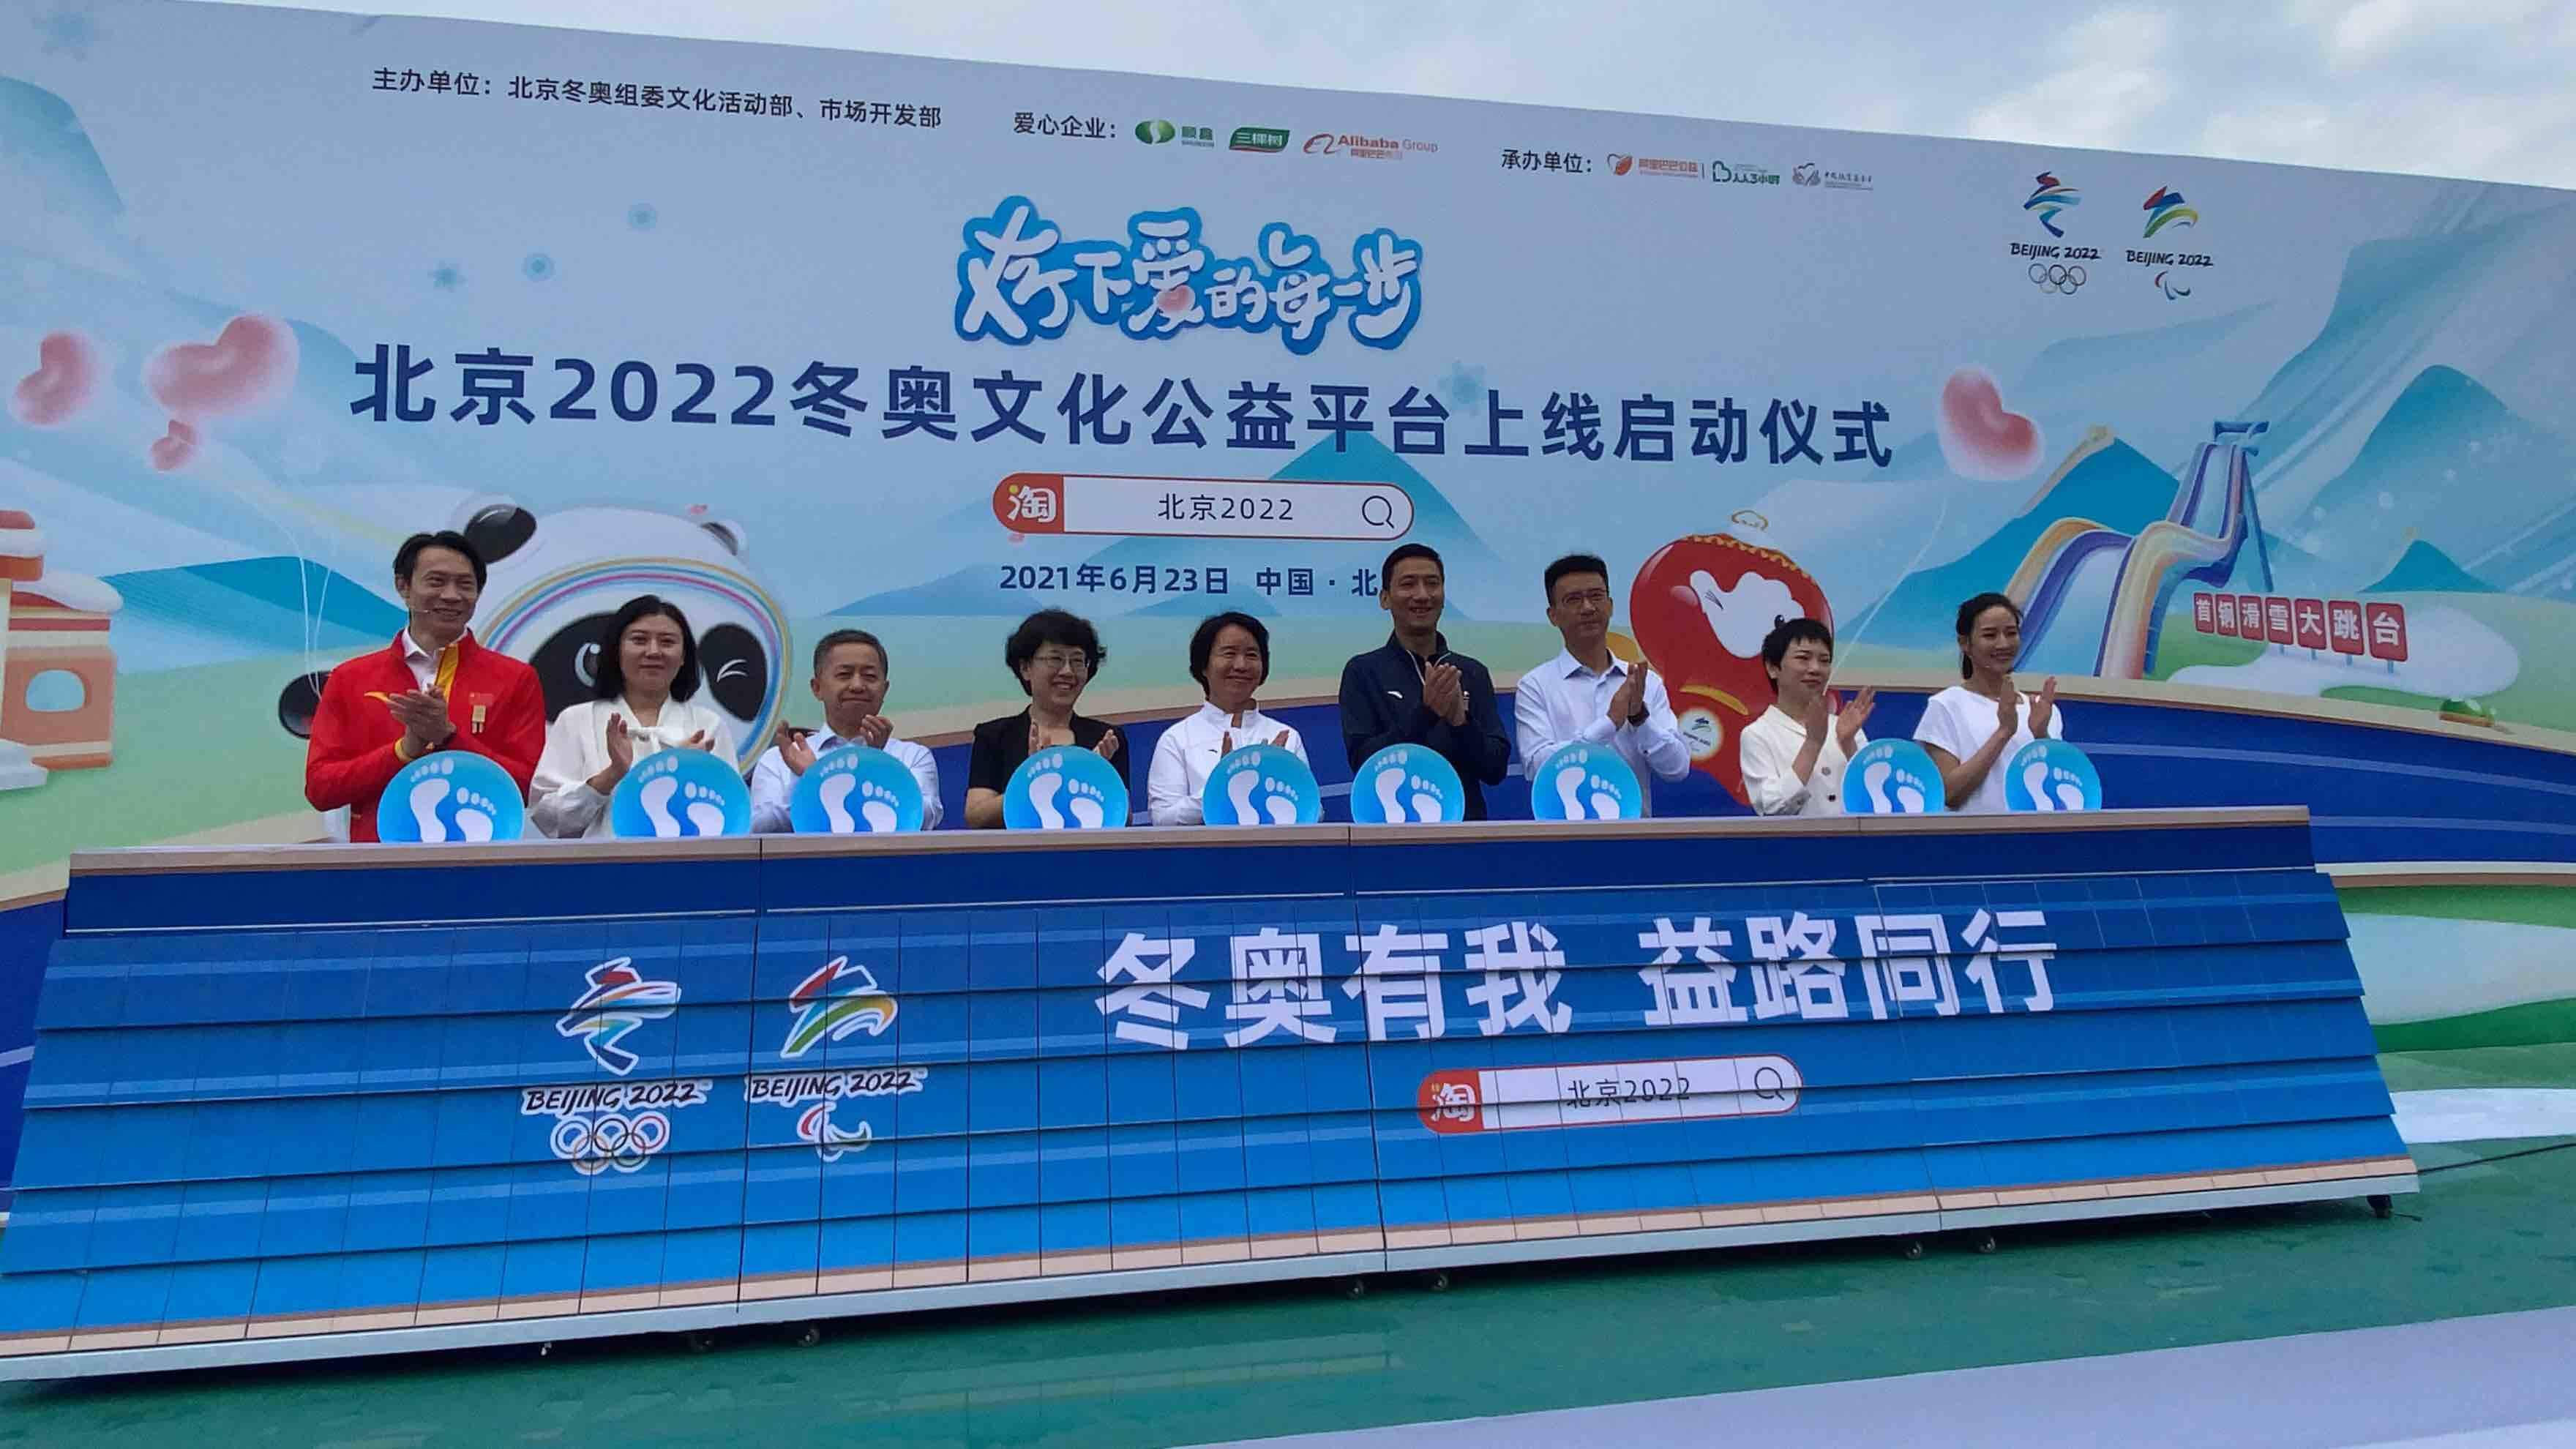 """存下爱的每一步! """"北京2022冬奥文化公益平台""""正式上线"""